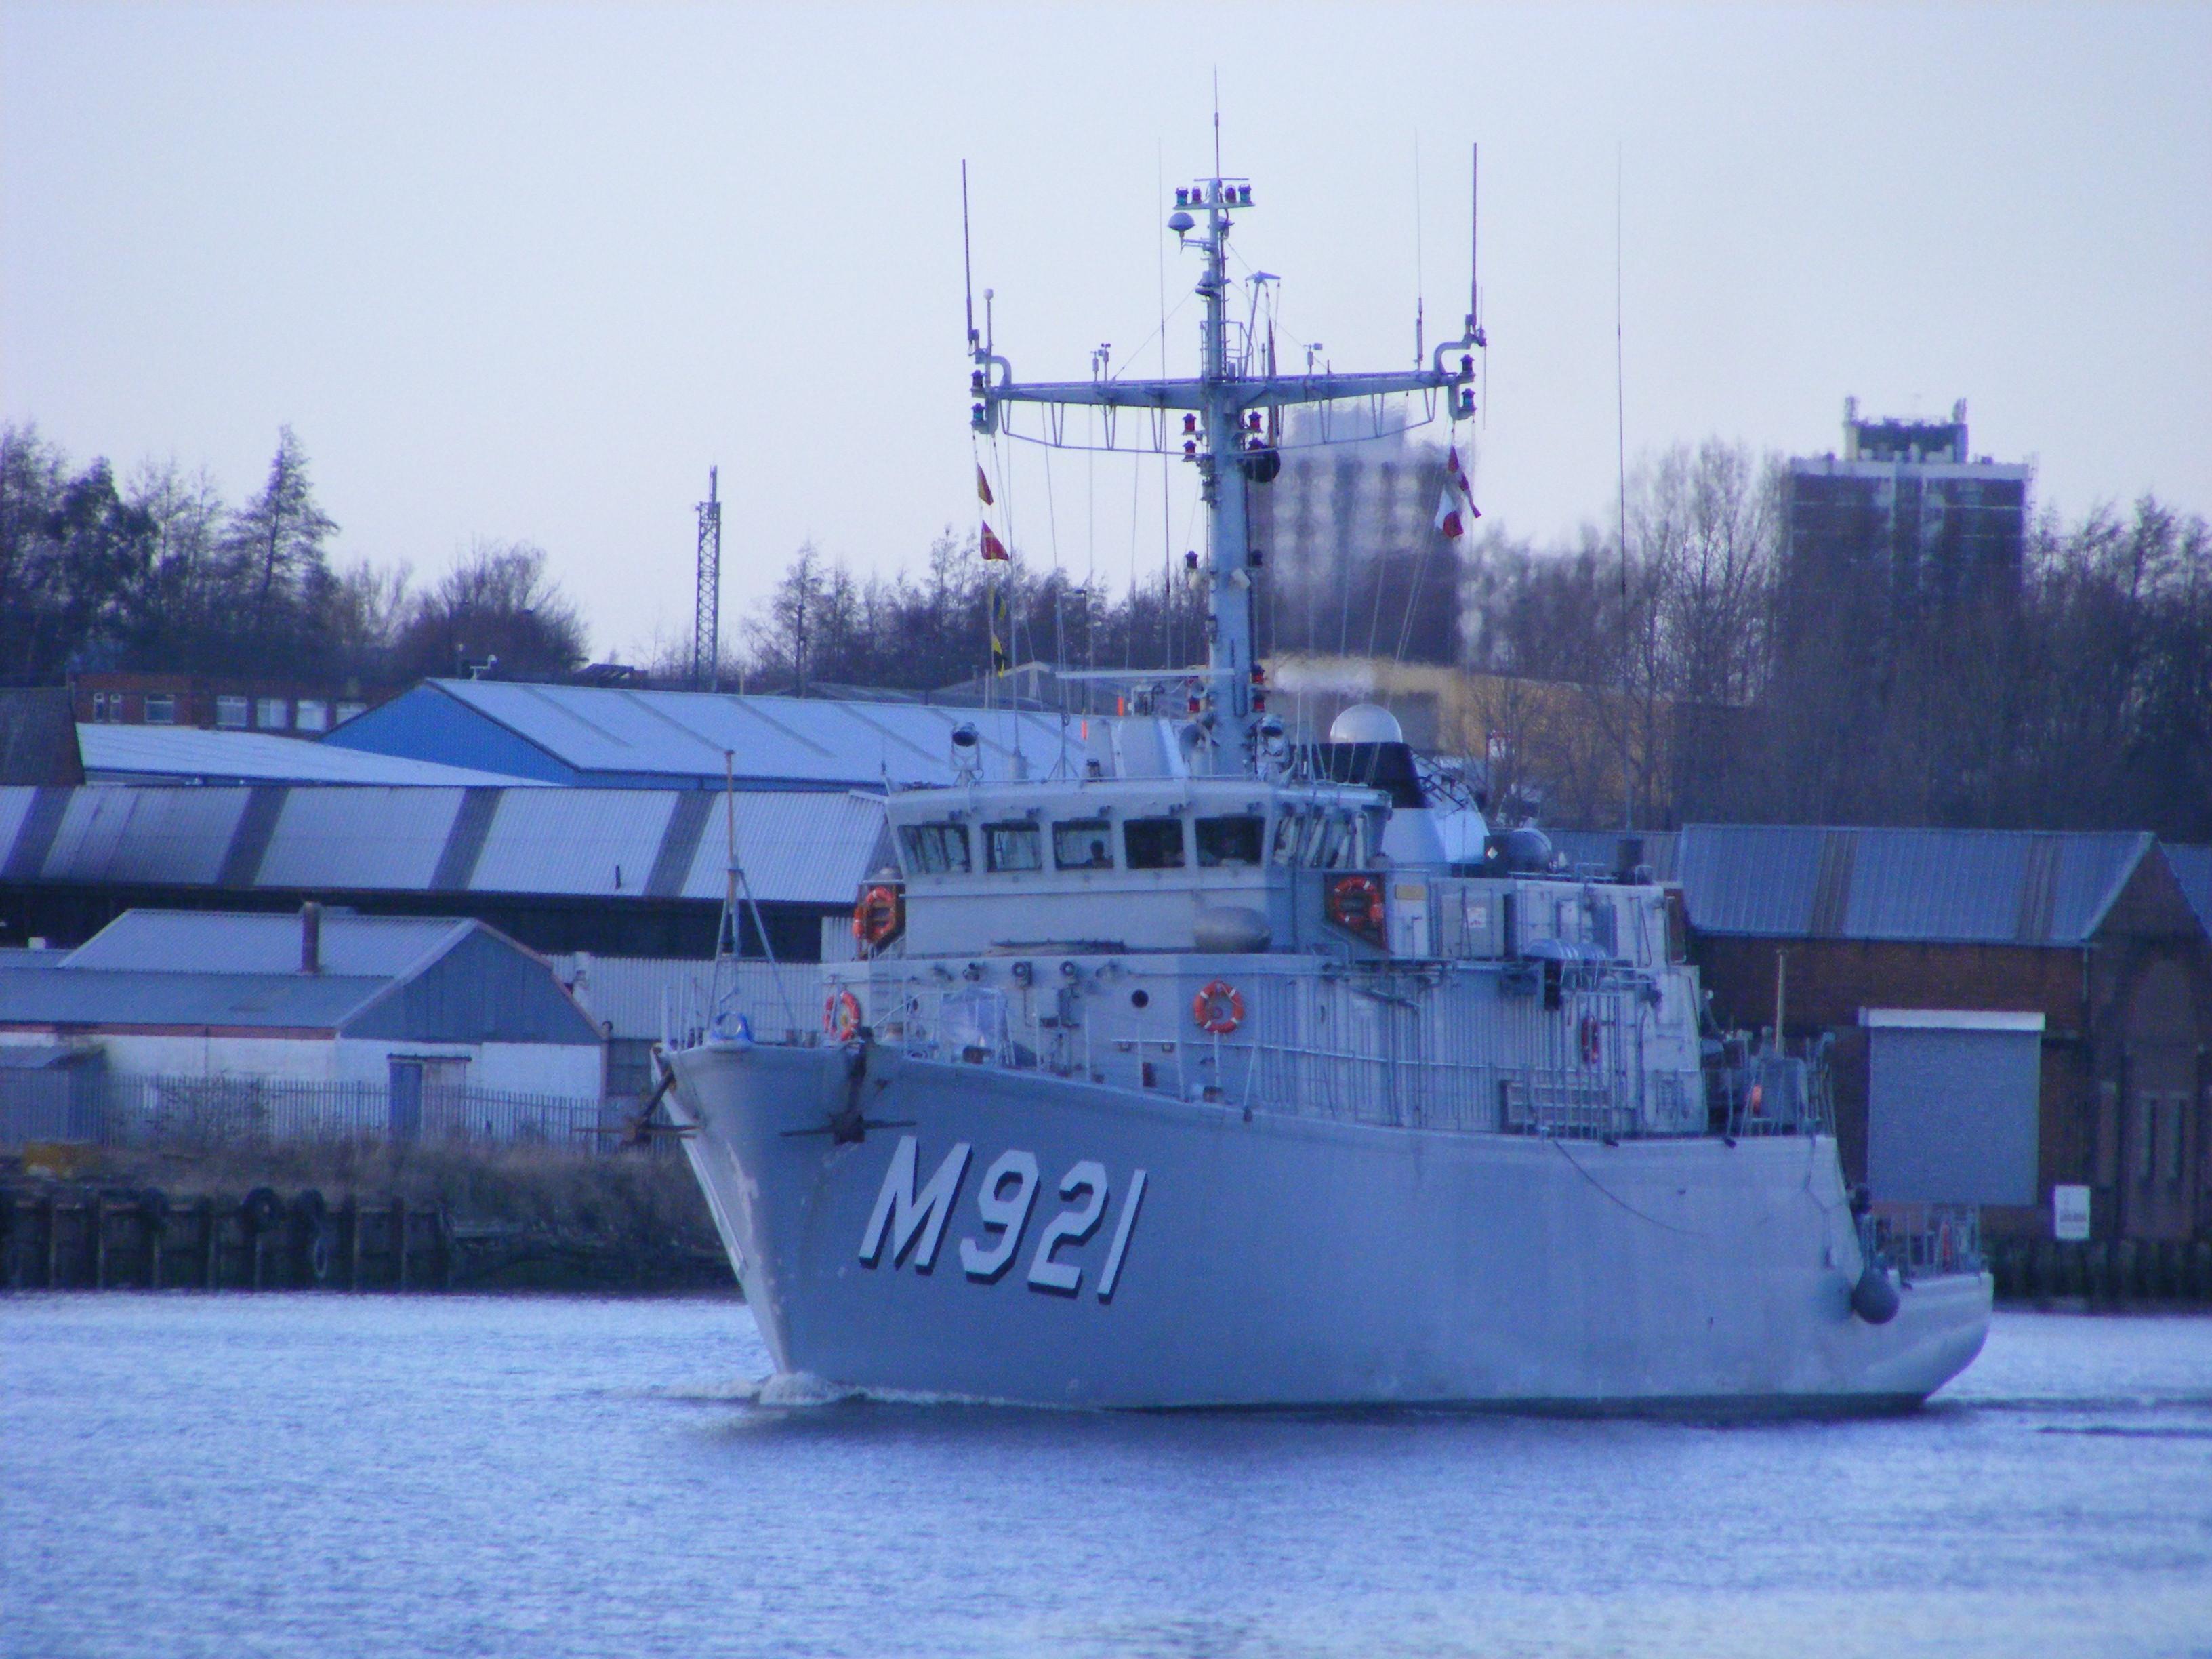 London - M921 Lobelia 835908